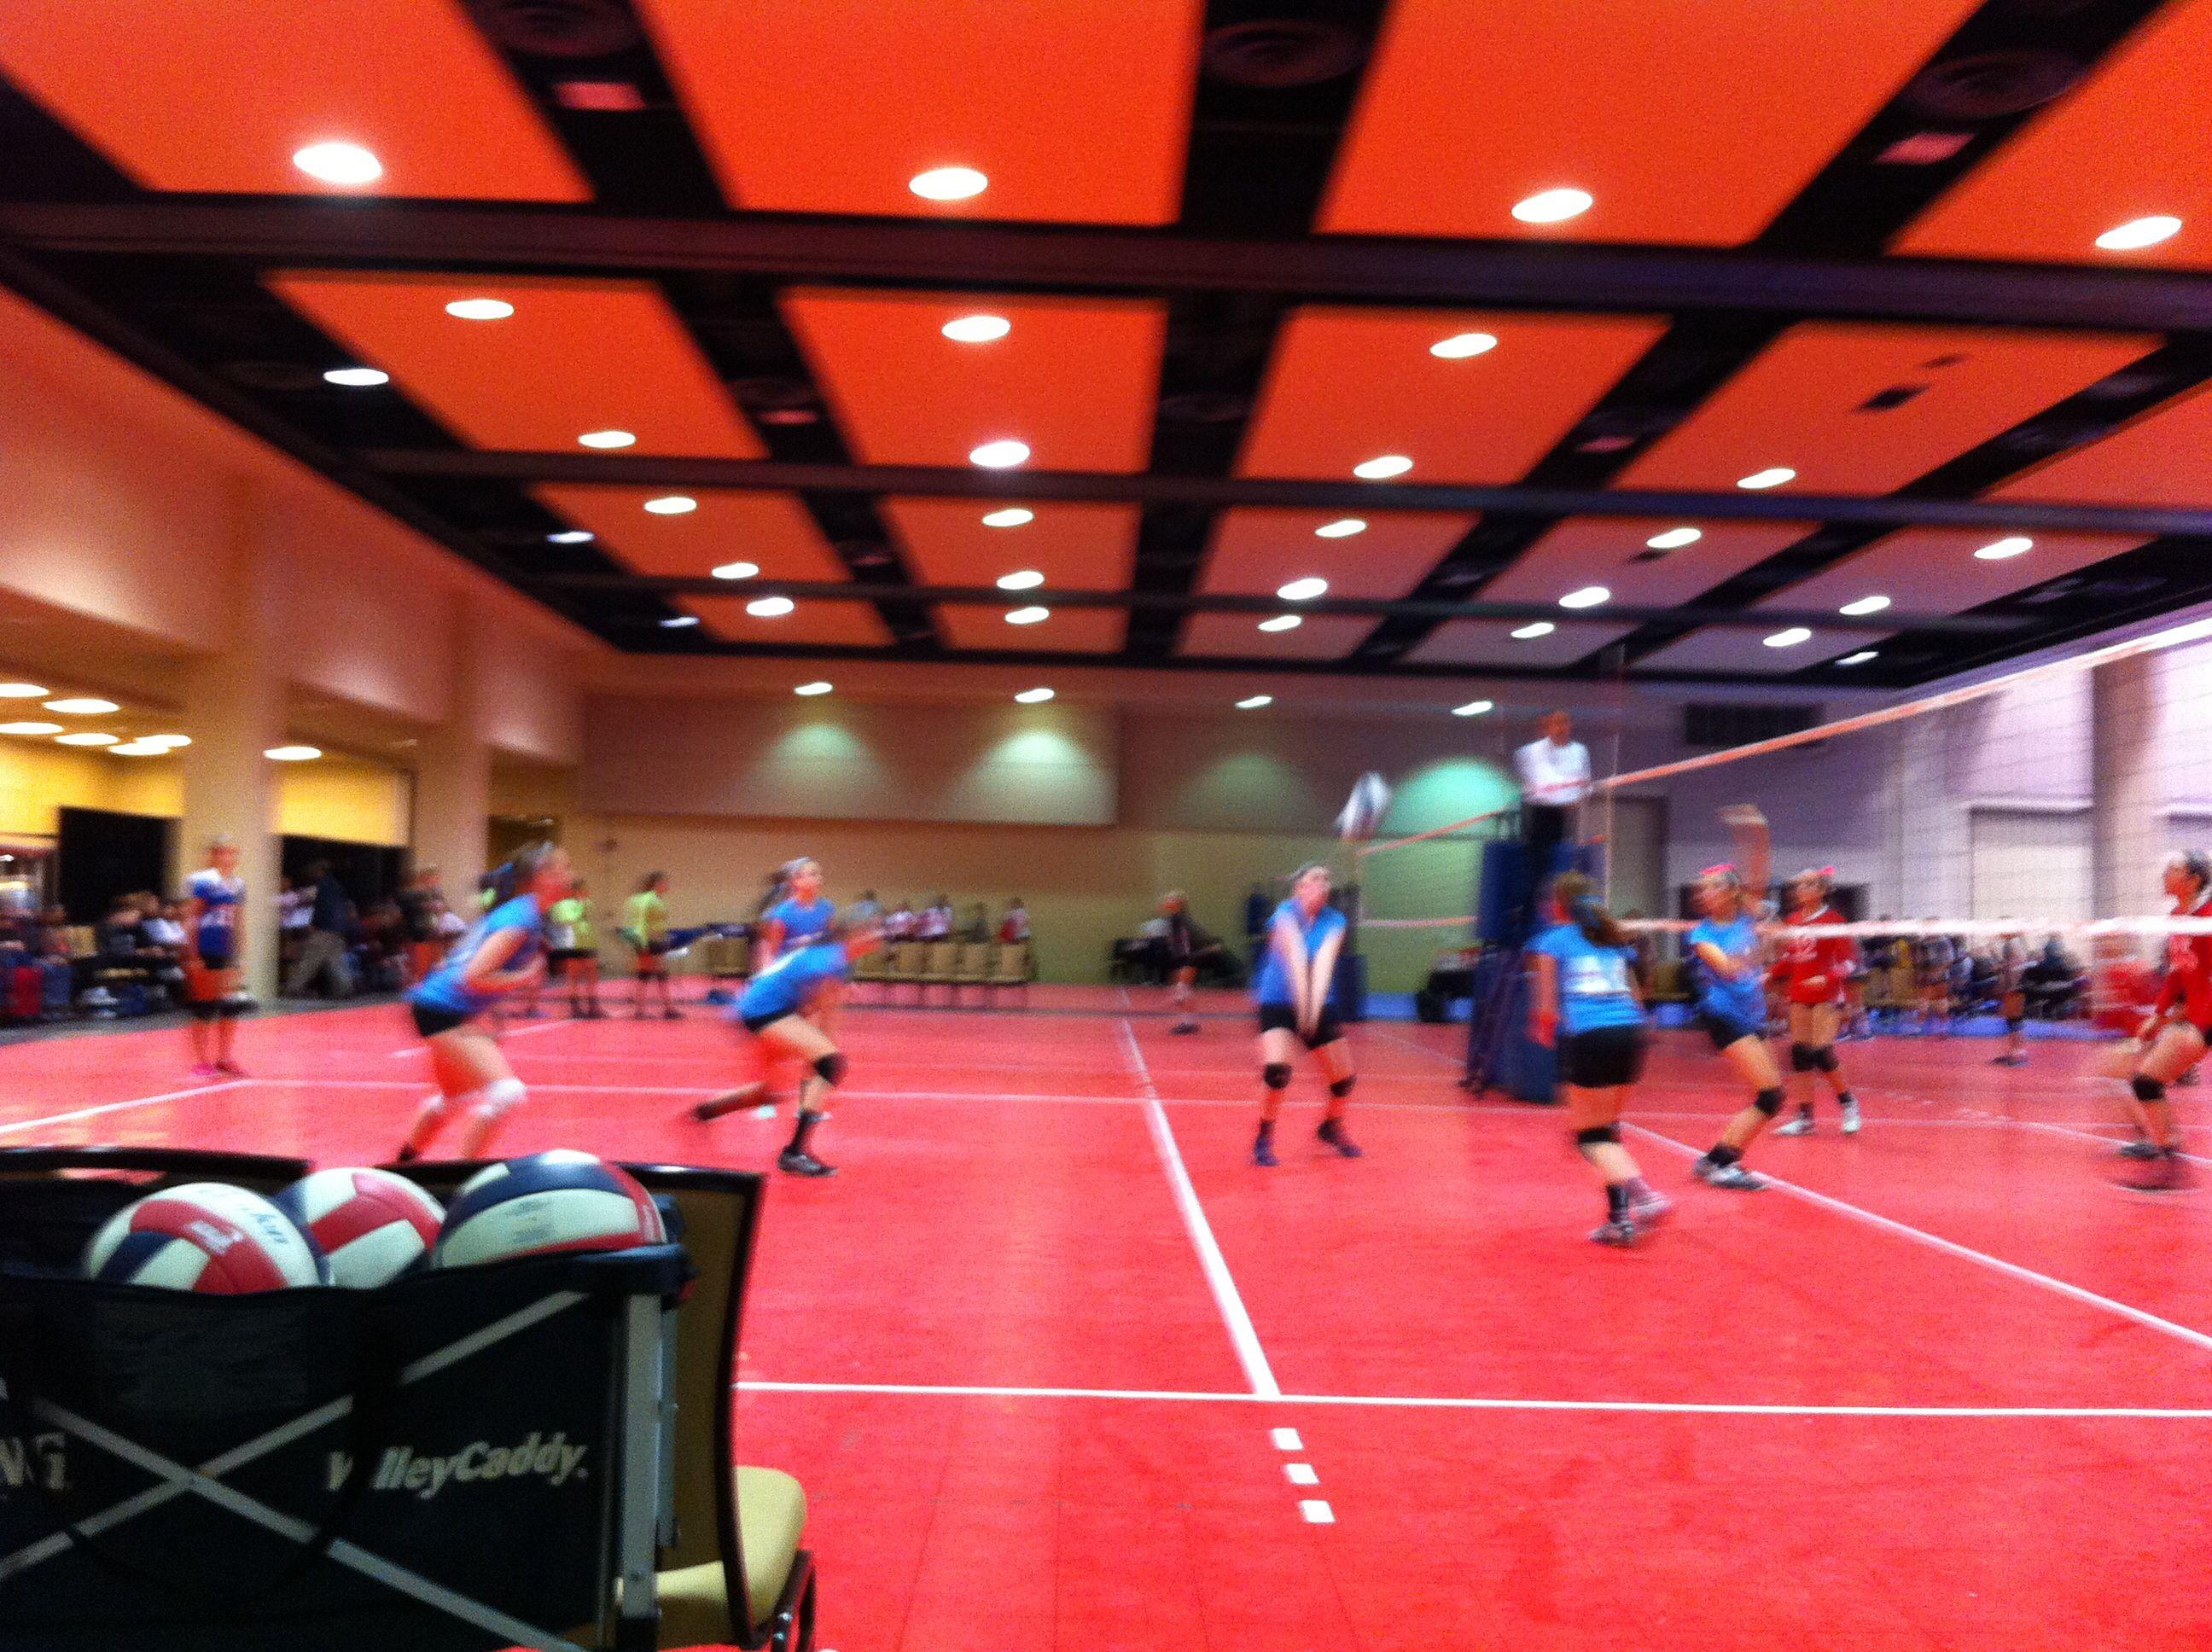 Dva 13 S At Mlk Lancaster Volleyball Basketball Court Mlk